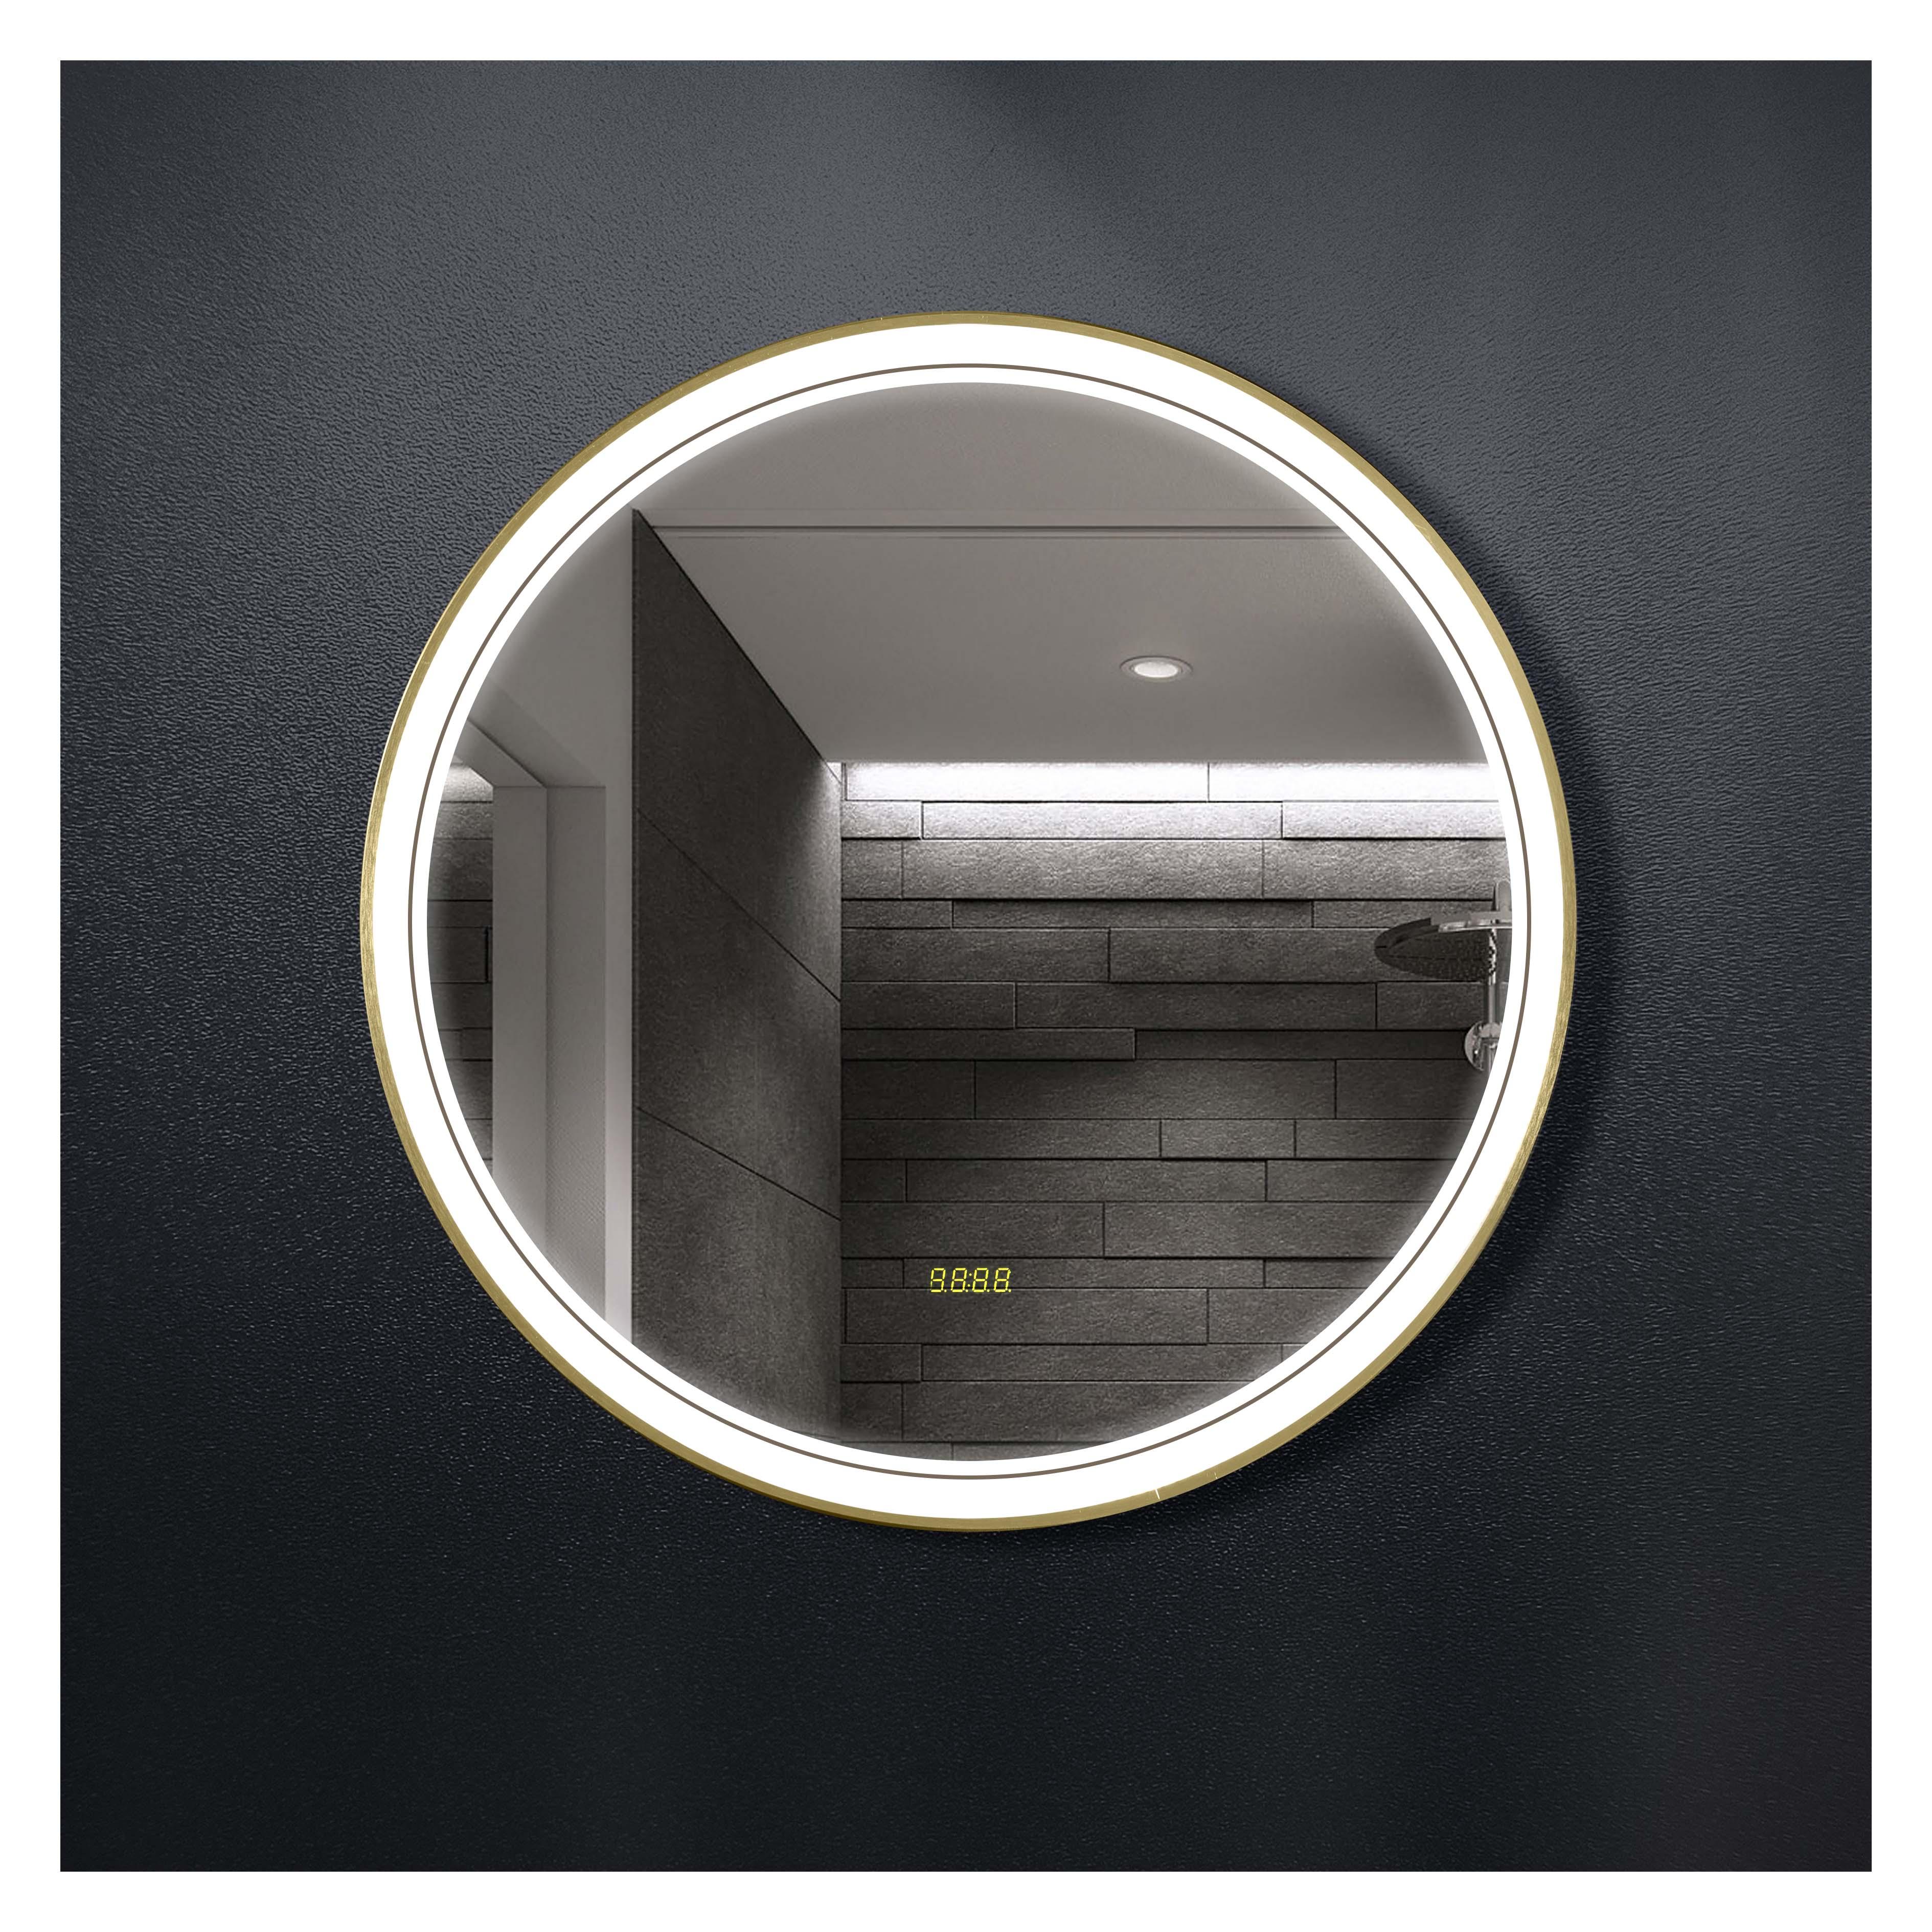 厂家吉品铝合金圆框直径700手扫开关加时间显示智能镜